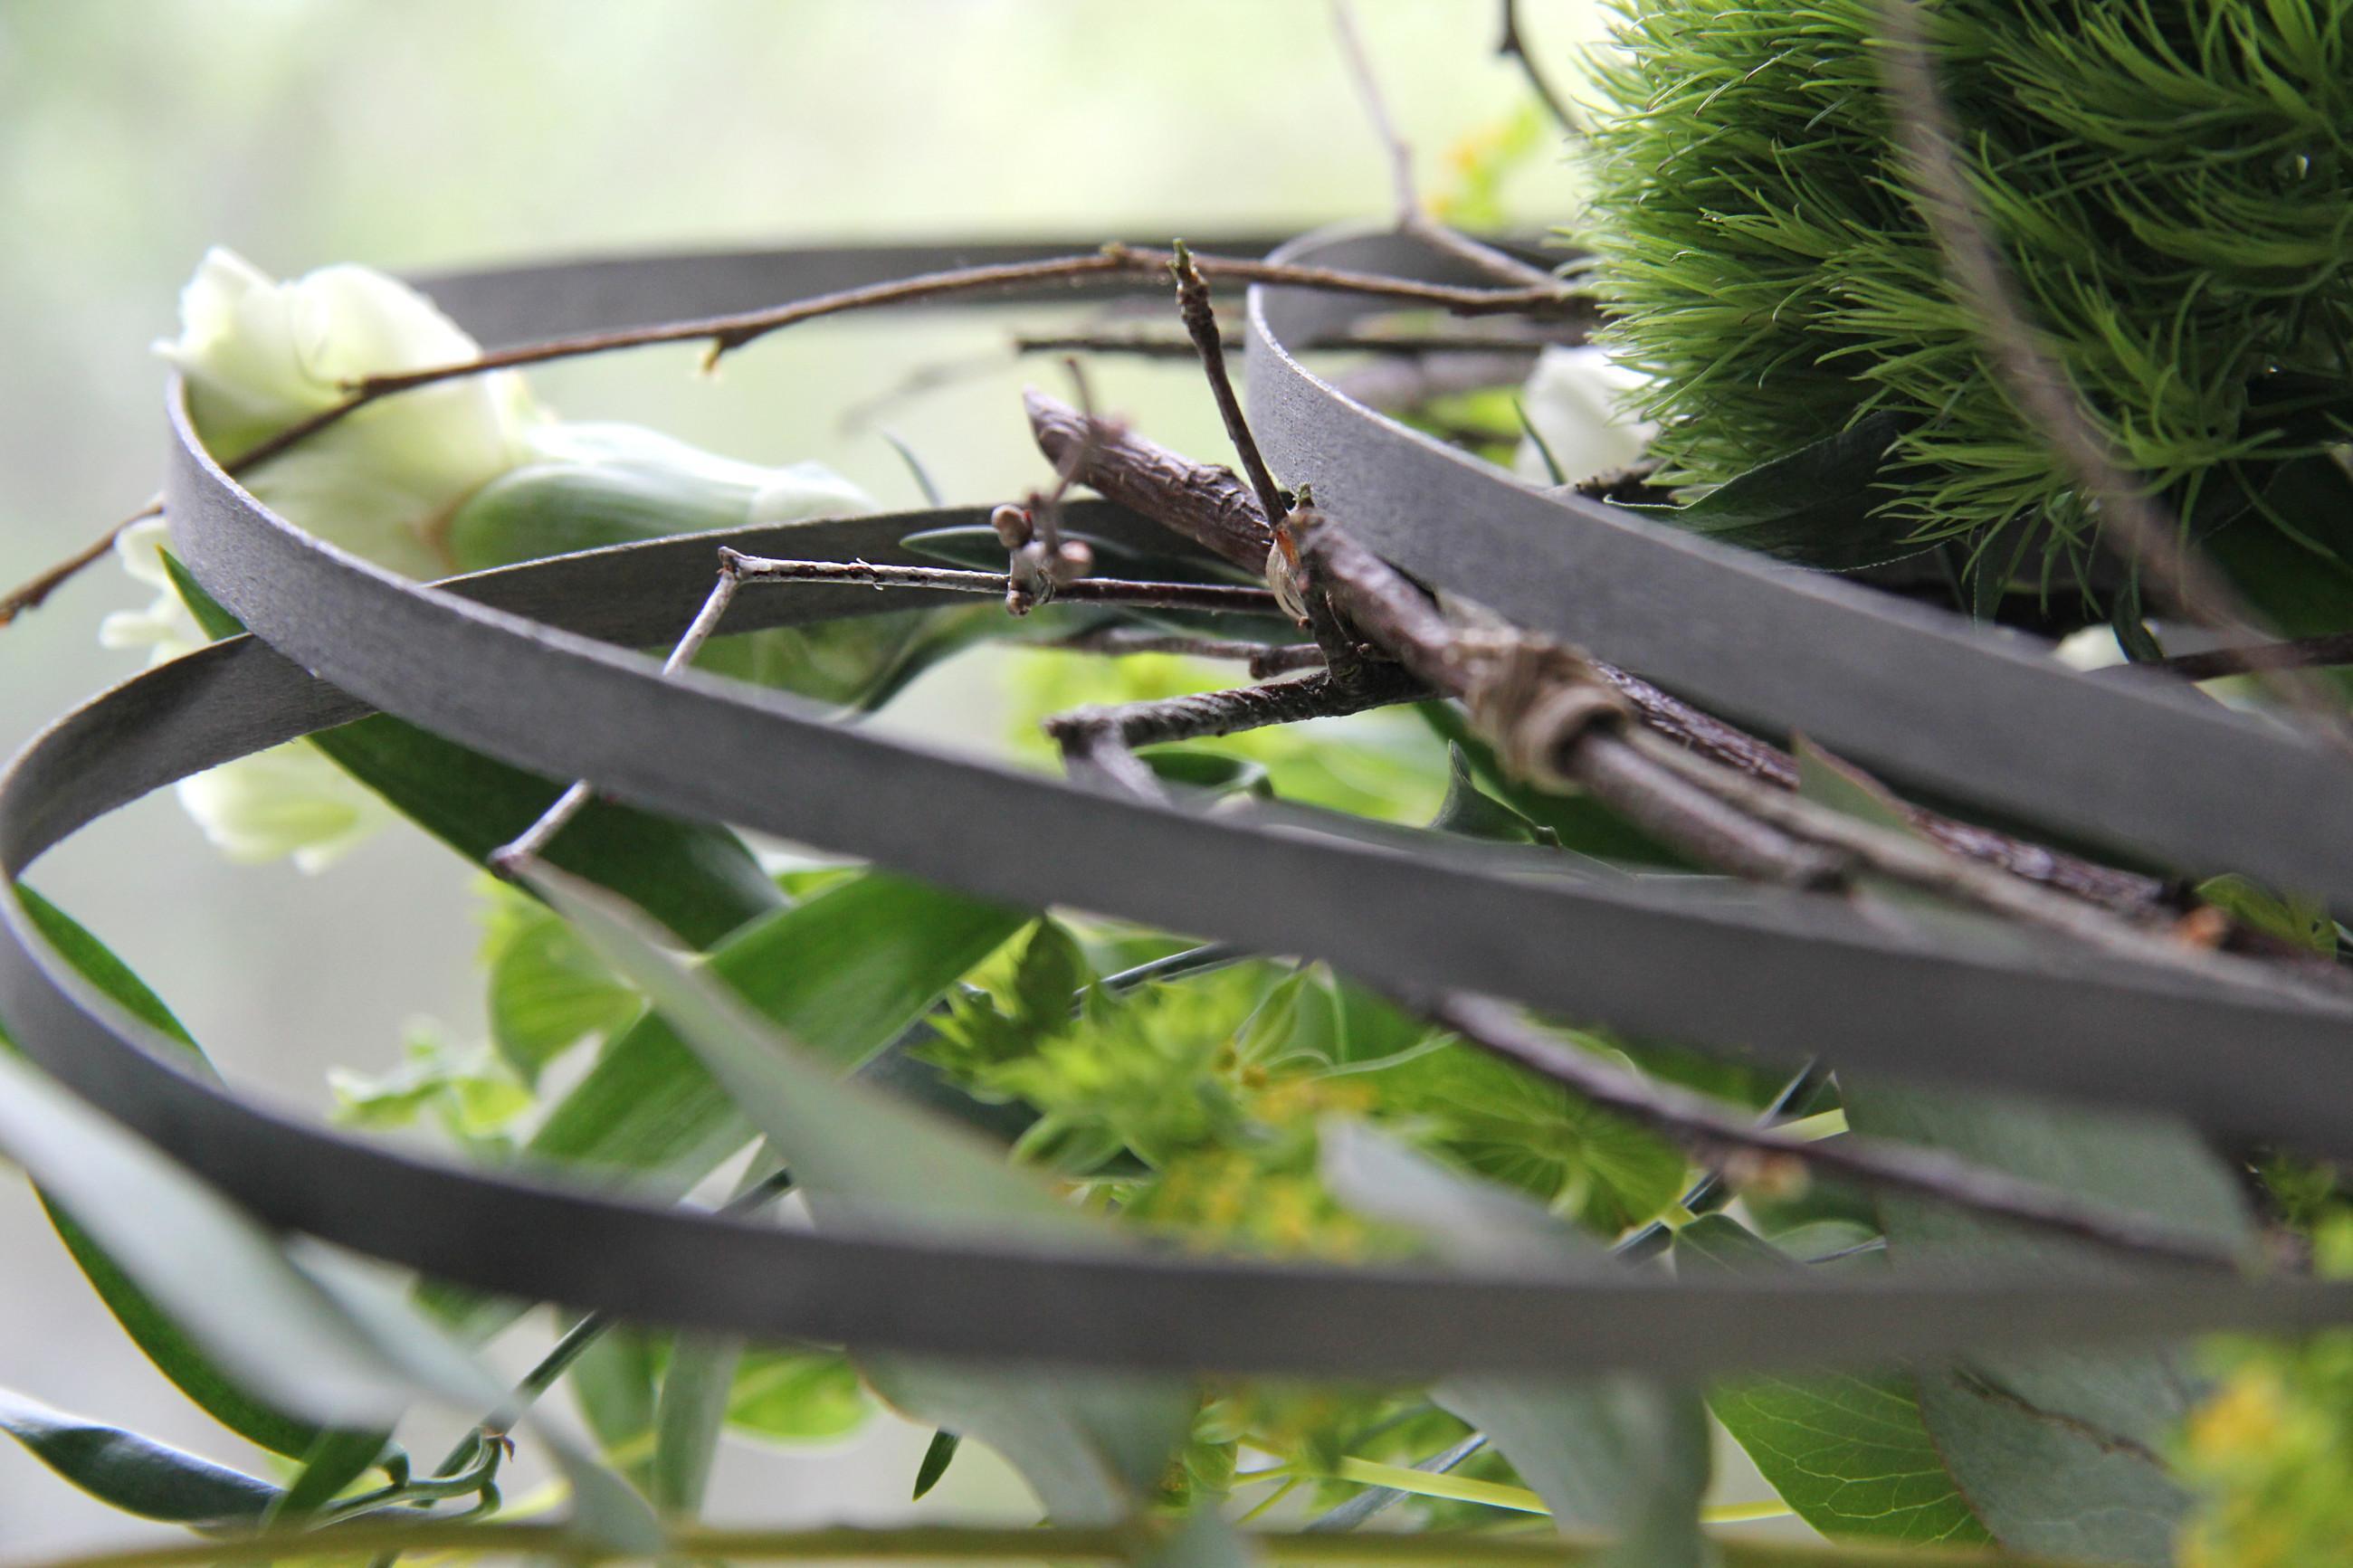 Lähikuva kukkakimpusta, jossa koristeellisia kaaria.